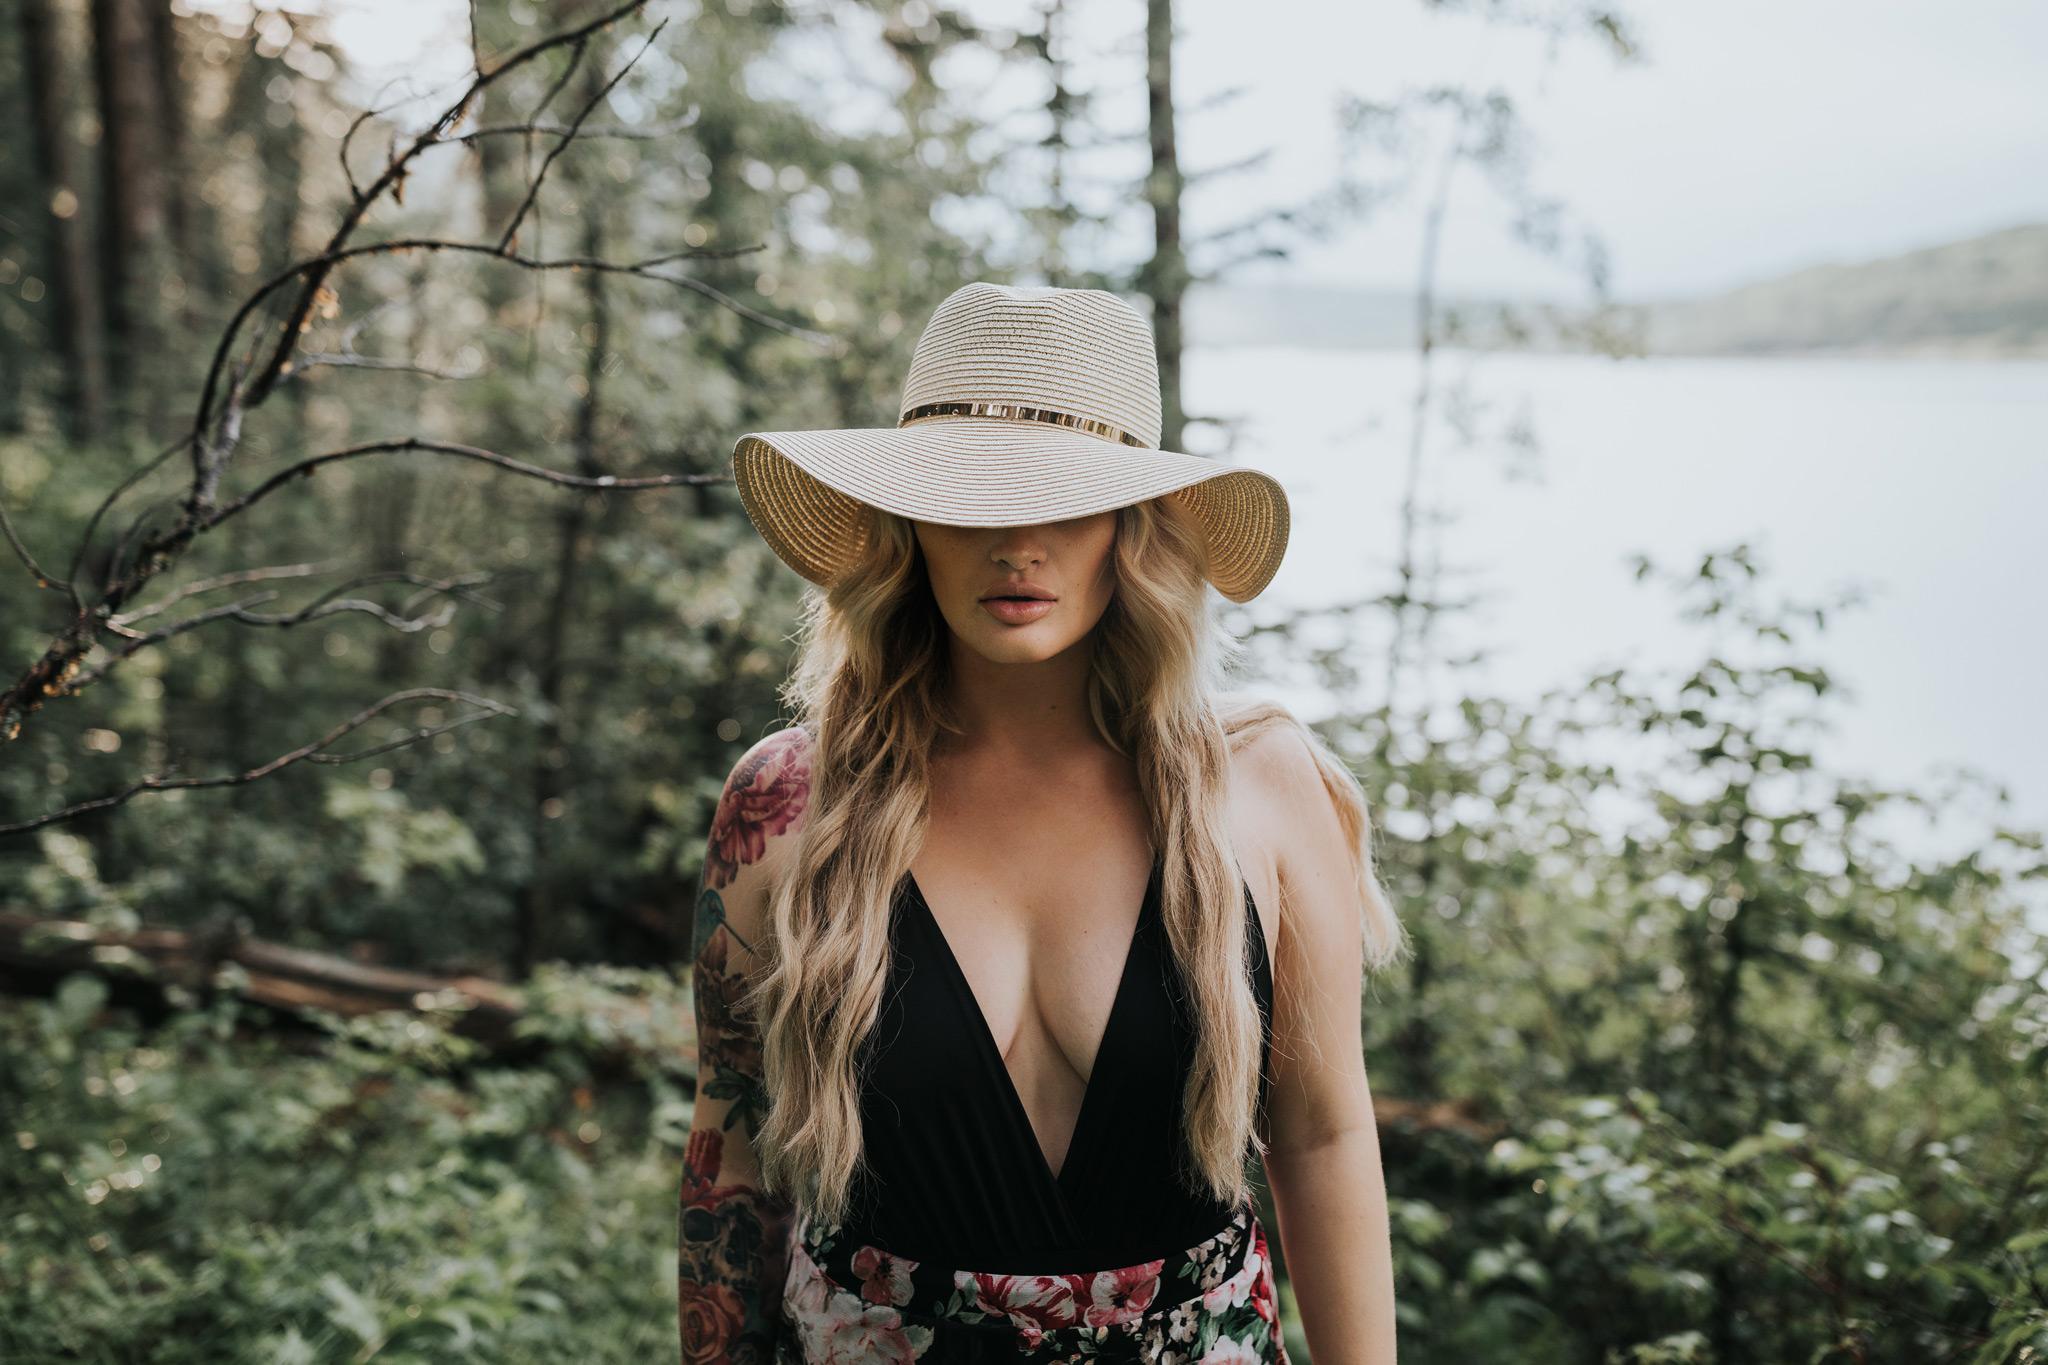 woman wearing hat covering eyes at reesor lake alberta